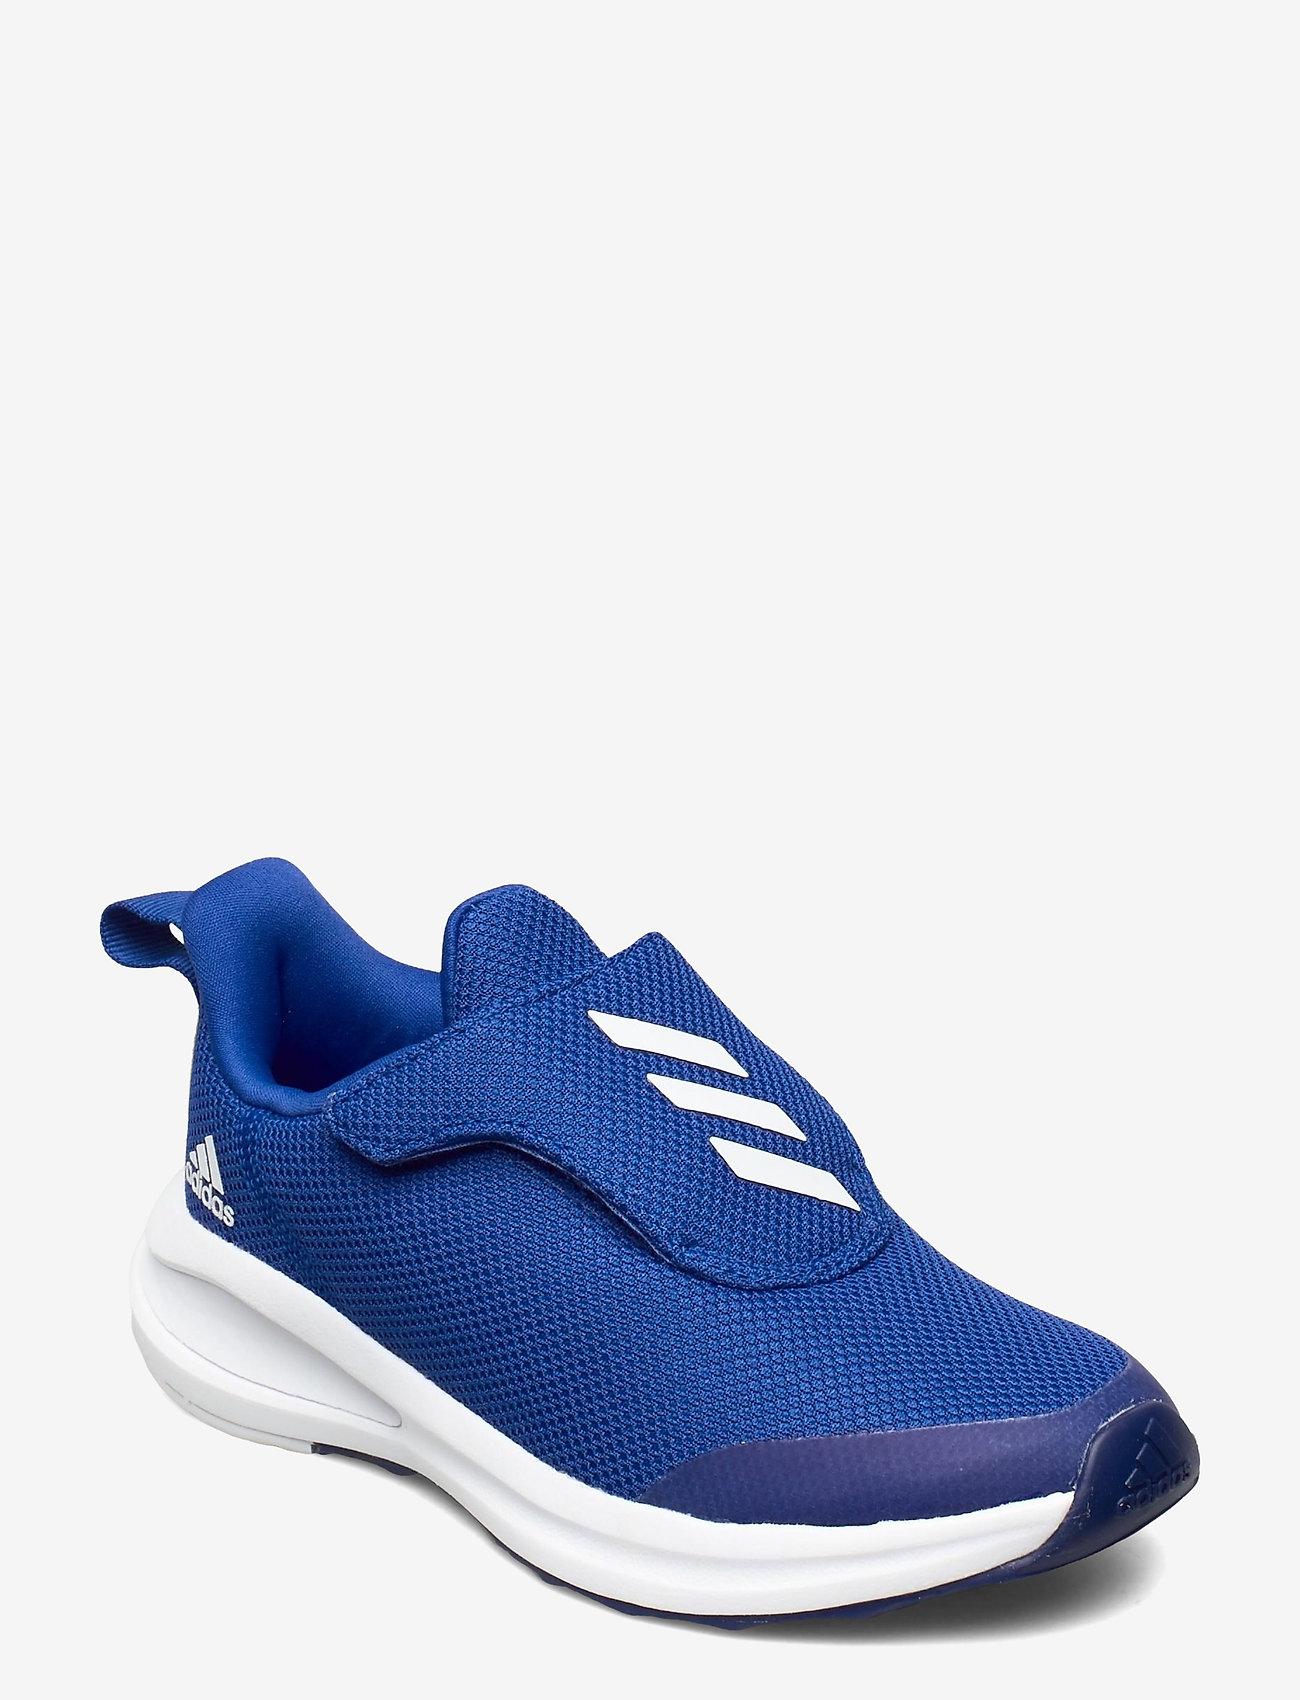 adidas Performance - FortaRun AC K - schuhe - royblu/ftwwht/royblu - 0